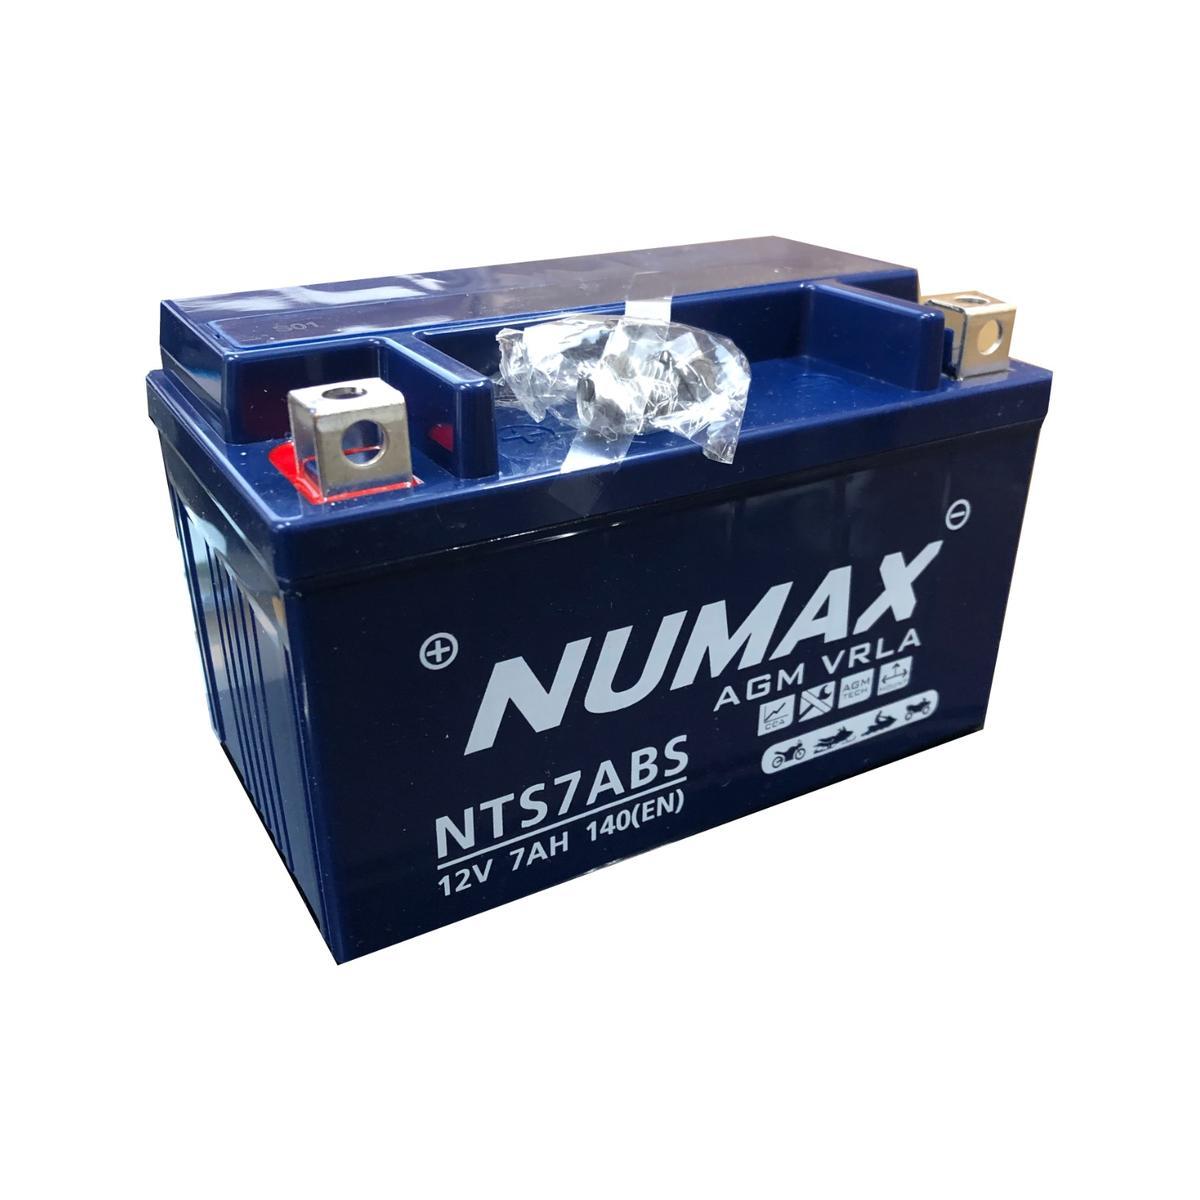 Numax NTS7ABS 12v Motorbike Bike Battery SUZUKI 125cc RG125 F YTX7A-BS